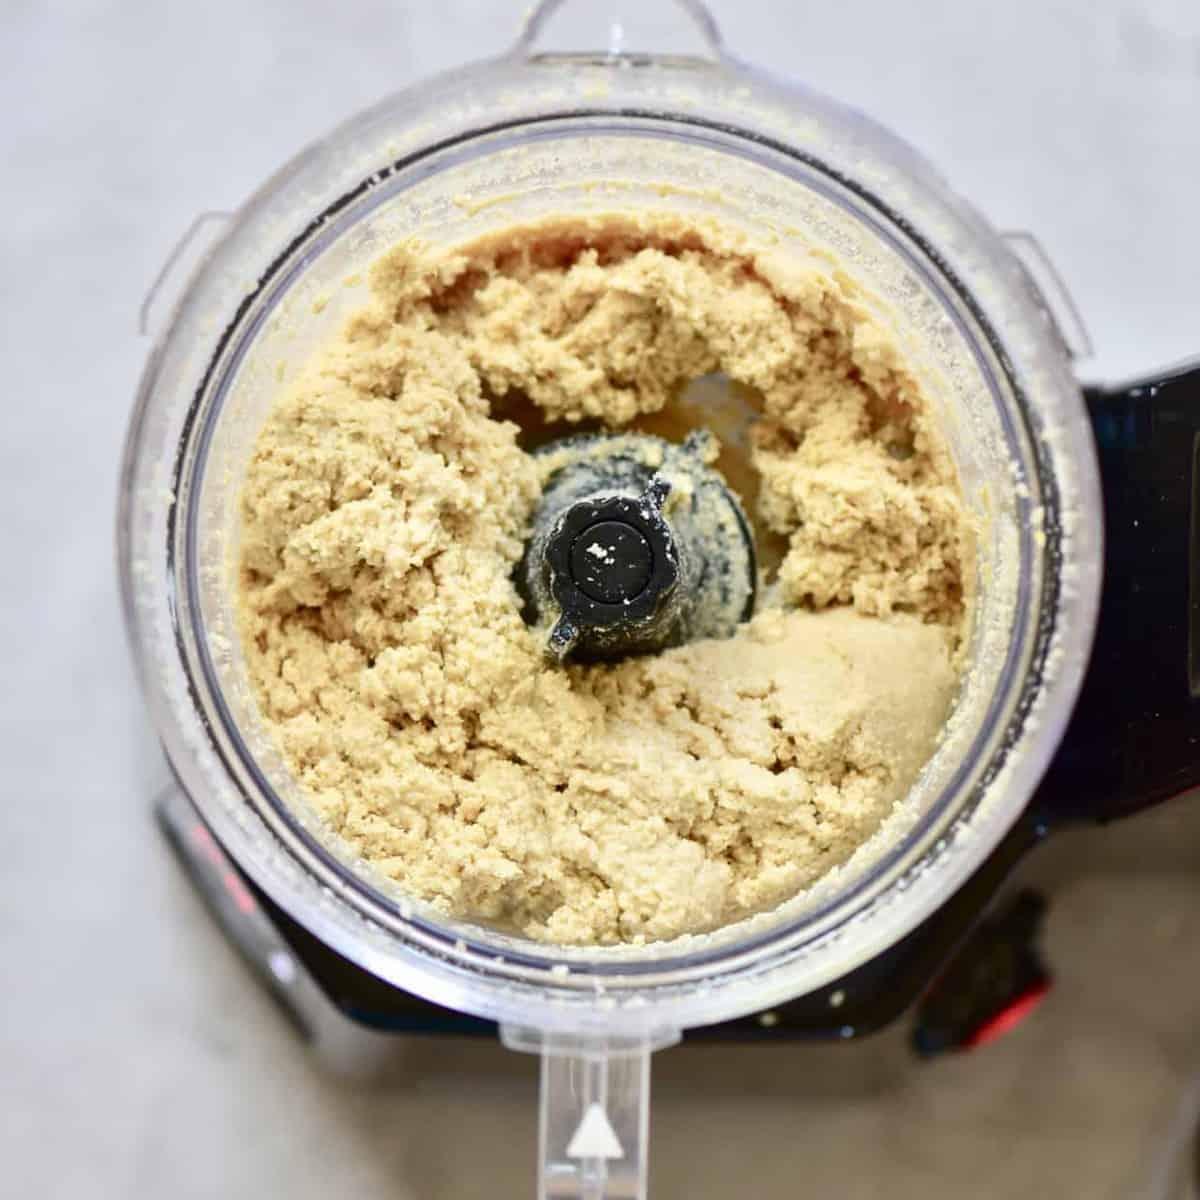 sesame paste in a blender